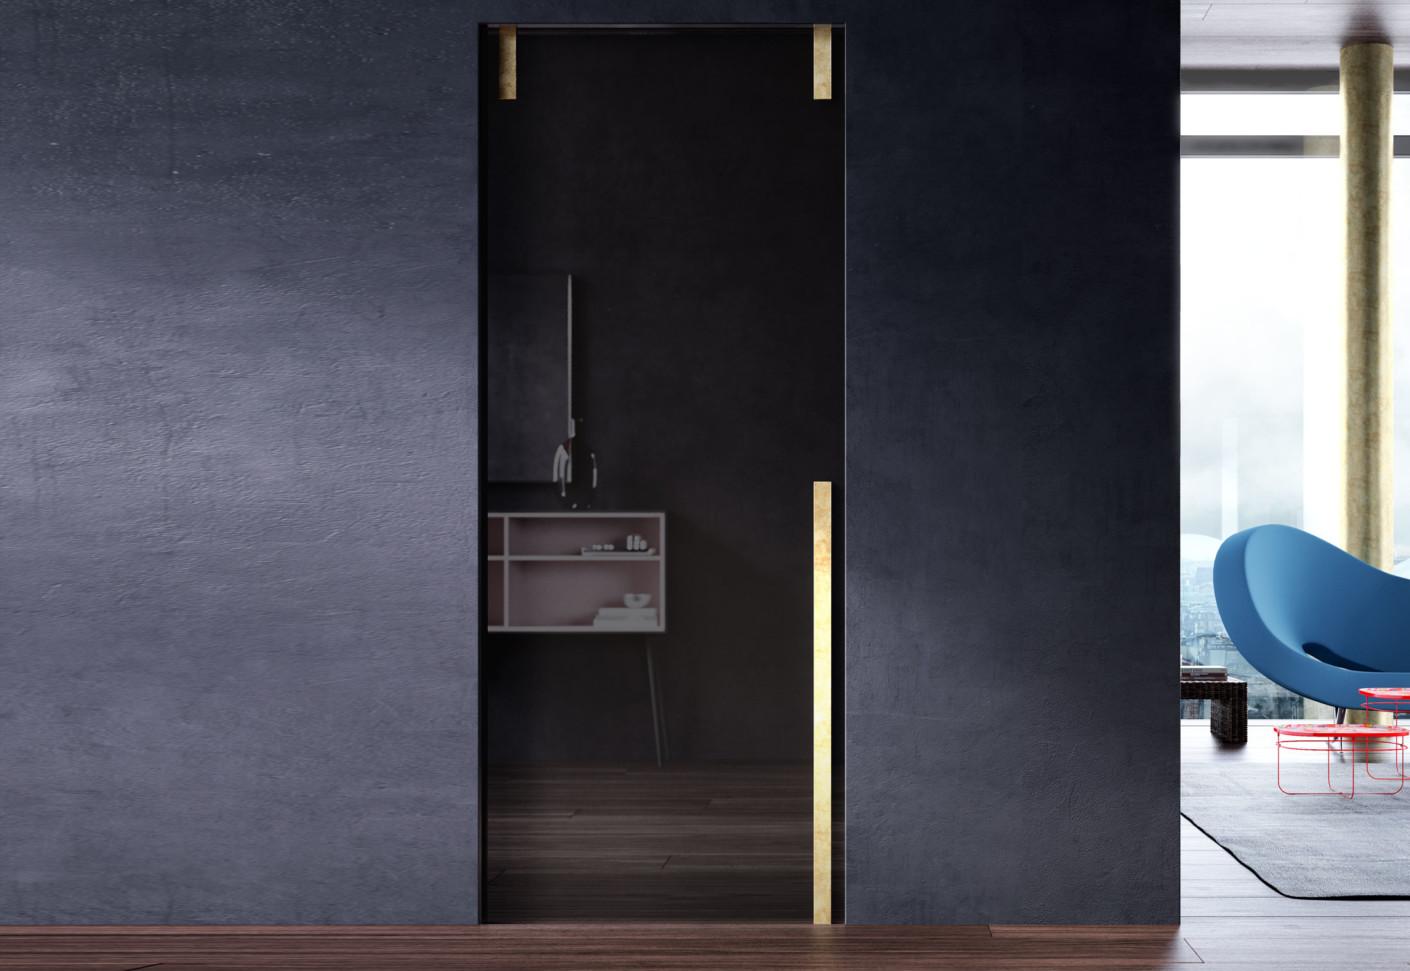 marea in der wand laufende schiebet r von linvisibile. Black Bedroom Furniture Sets. Home Design Ideas